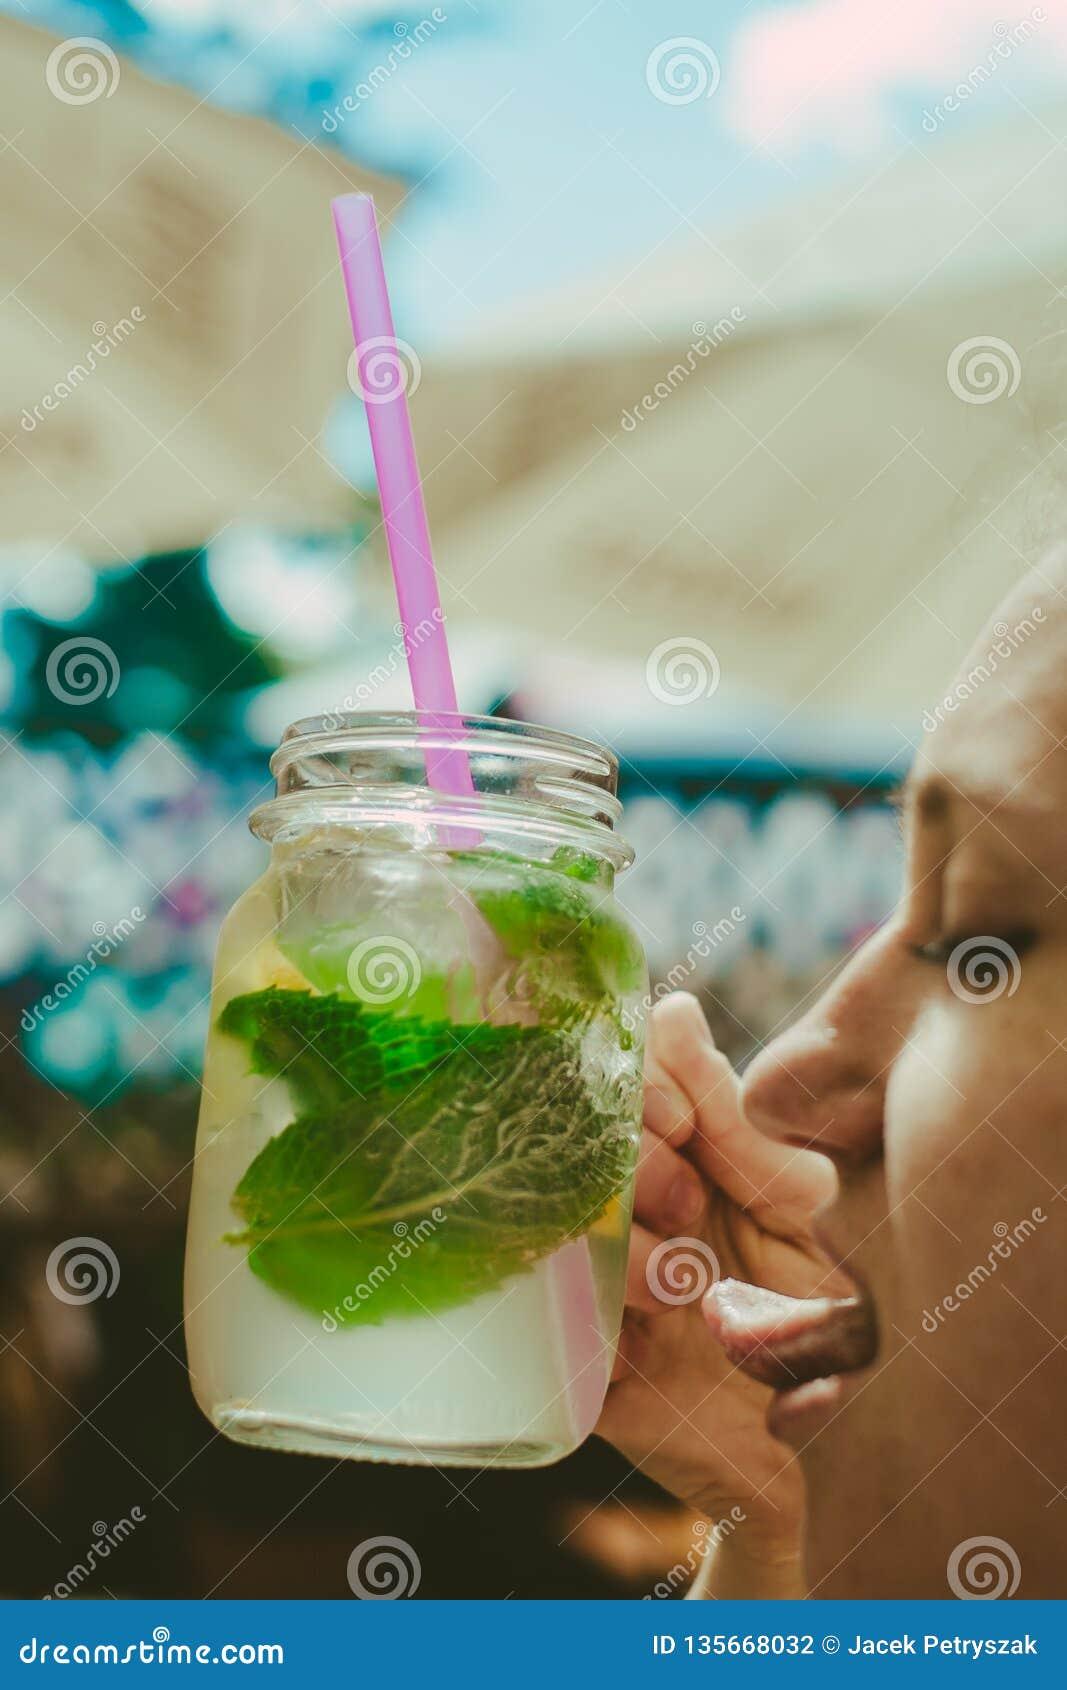 Lemonaide fresco e succoso molto leccare-capace